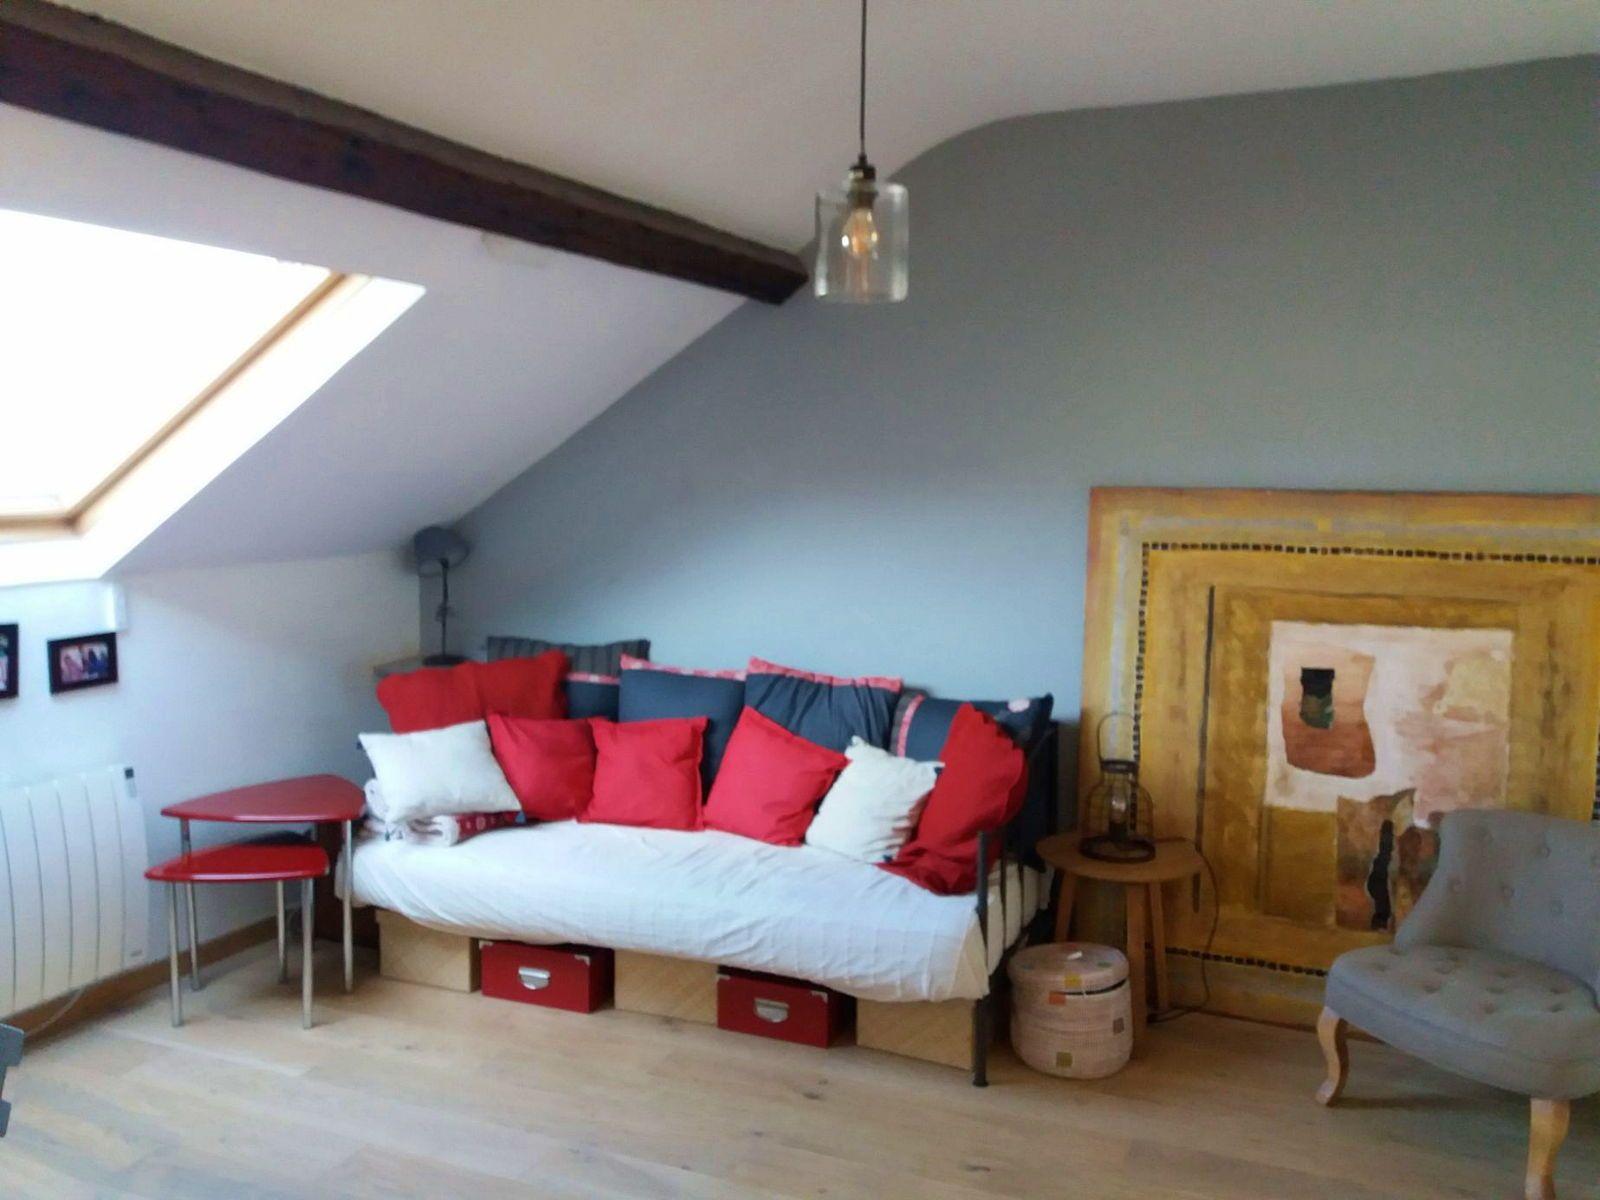 Vends appartement 68m² à Levallois-Perret (92) Marché Barbusse 2chambres